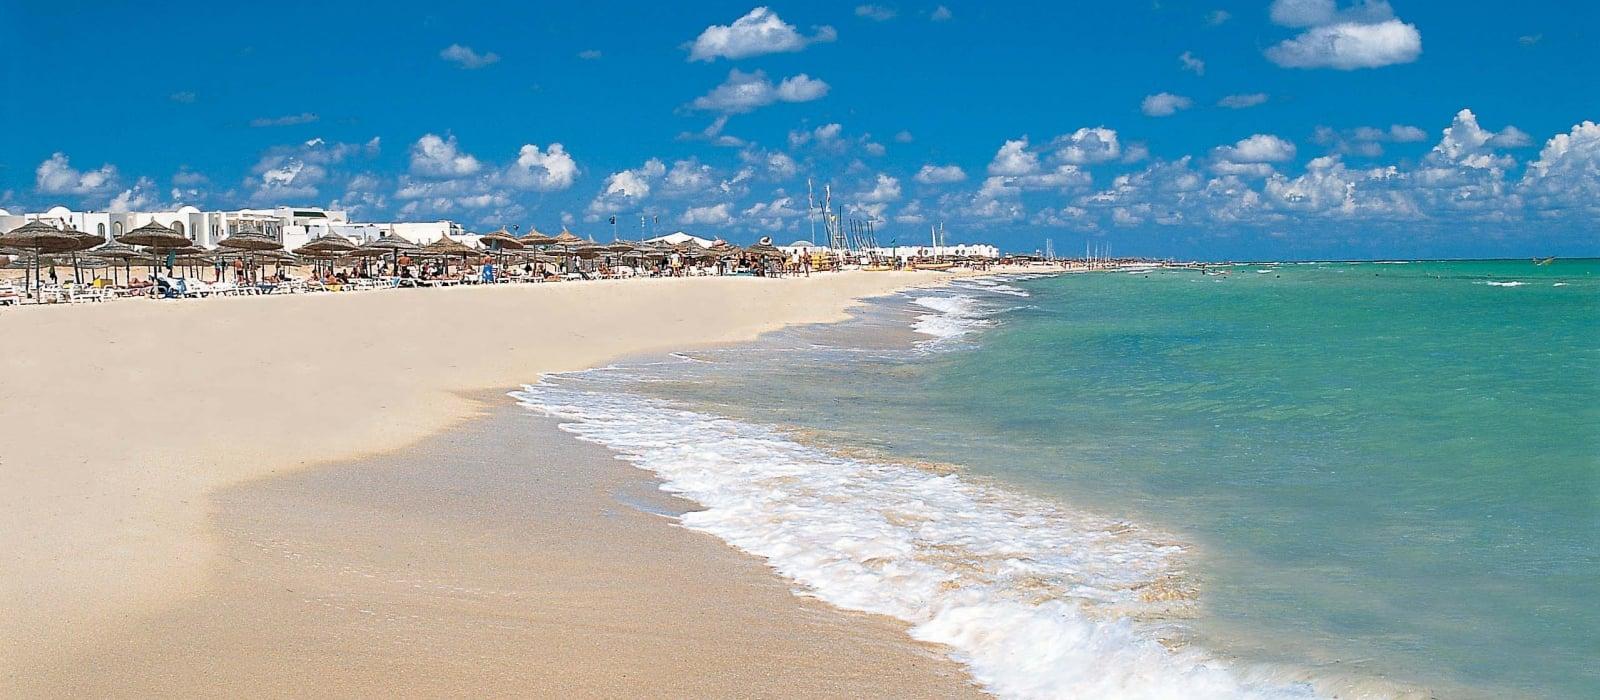 Hamammet Nozha Beach H 244 Tel Vincci Hoteles Emplacement